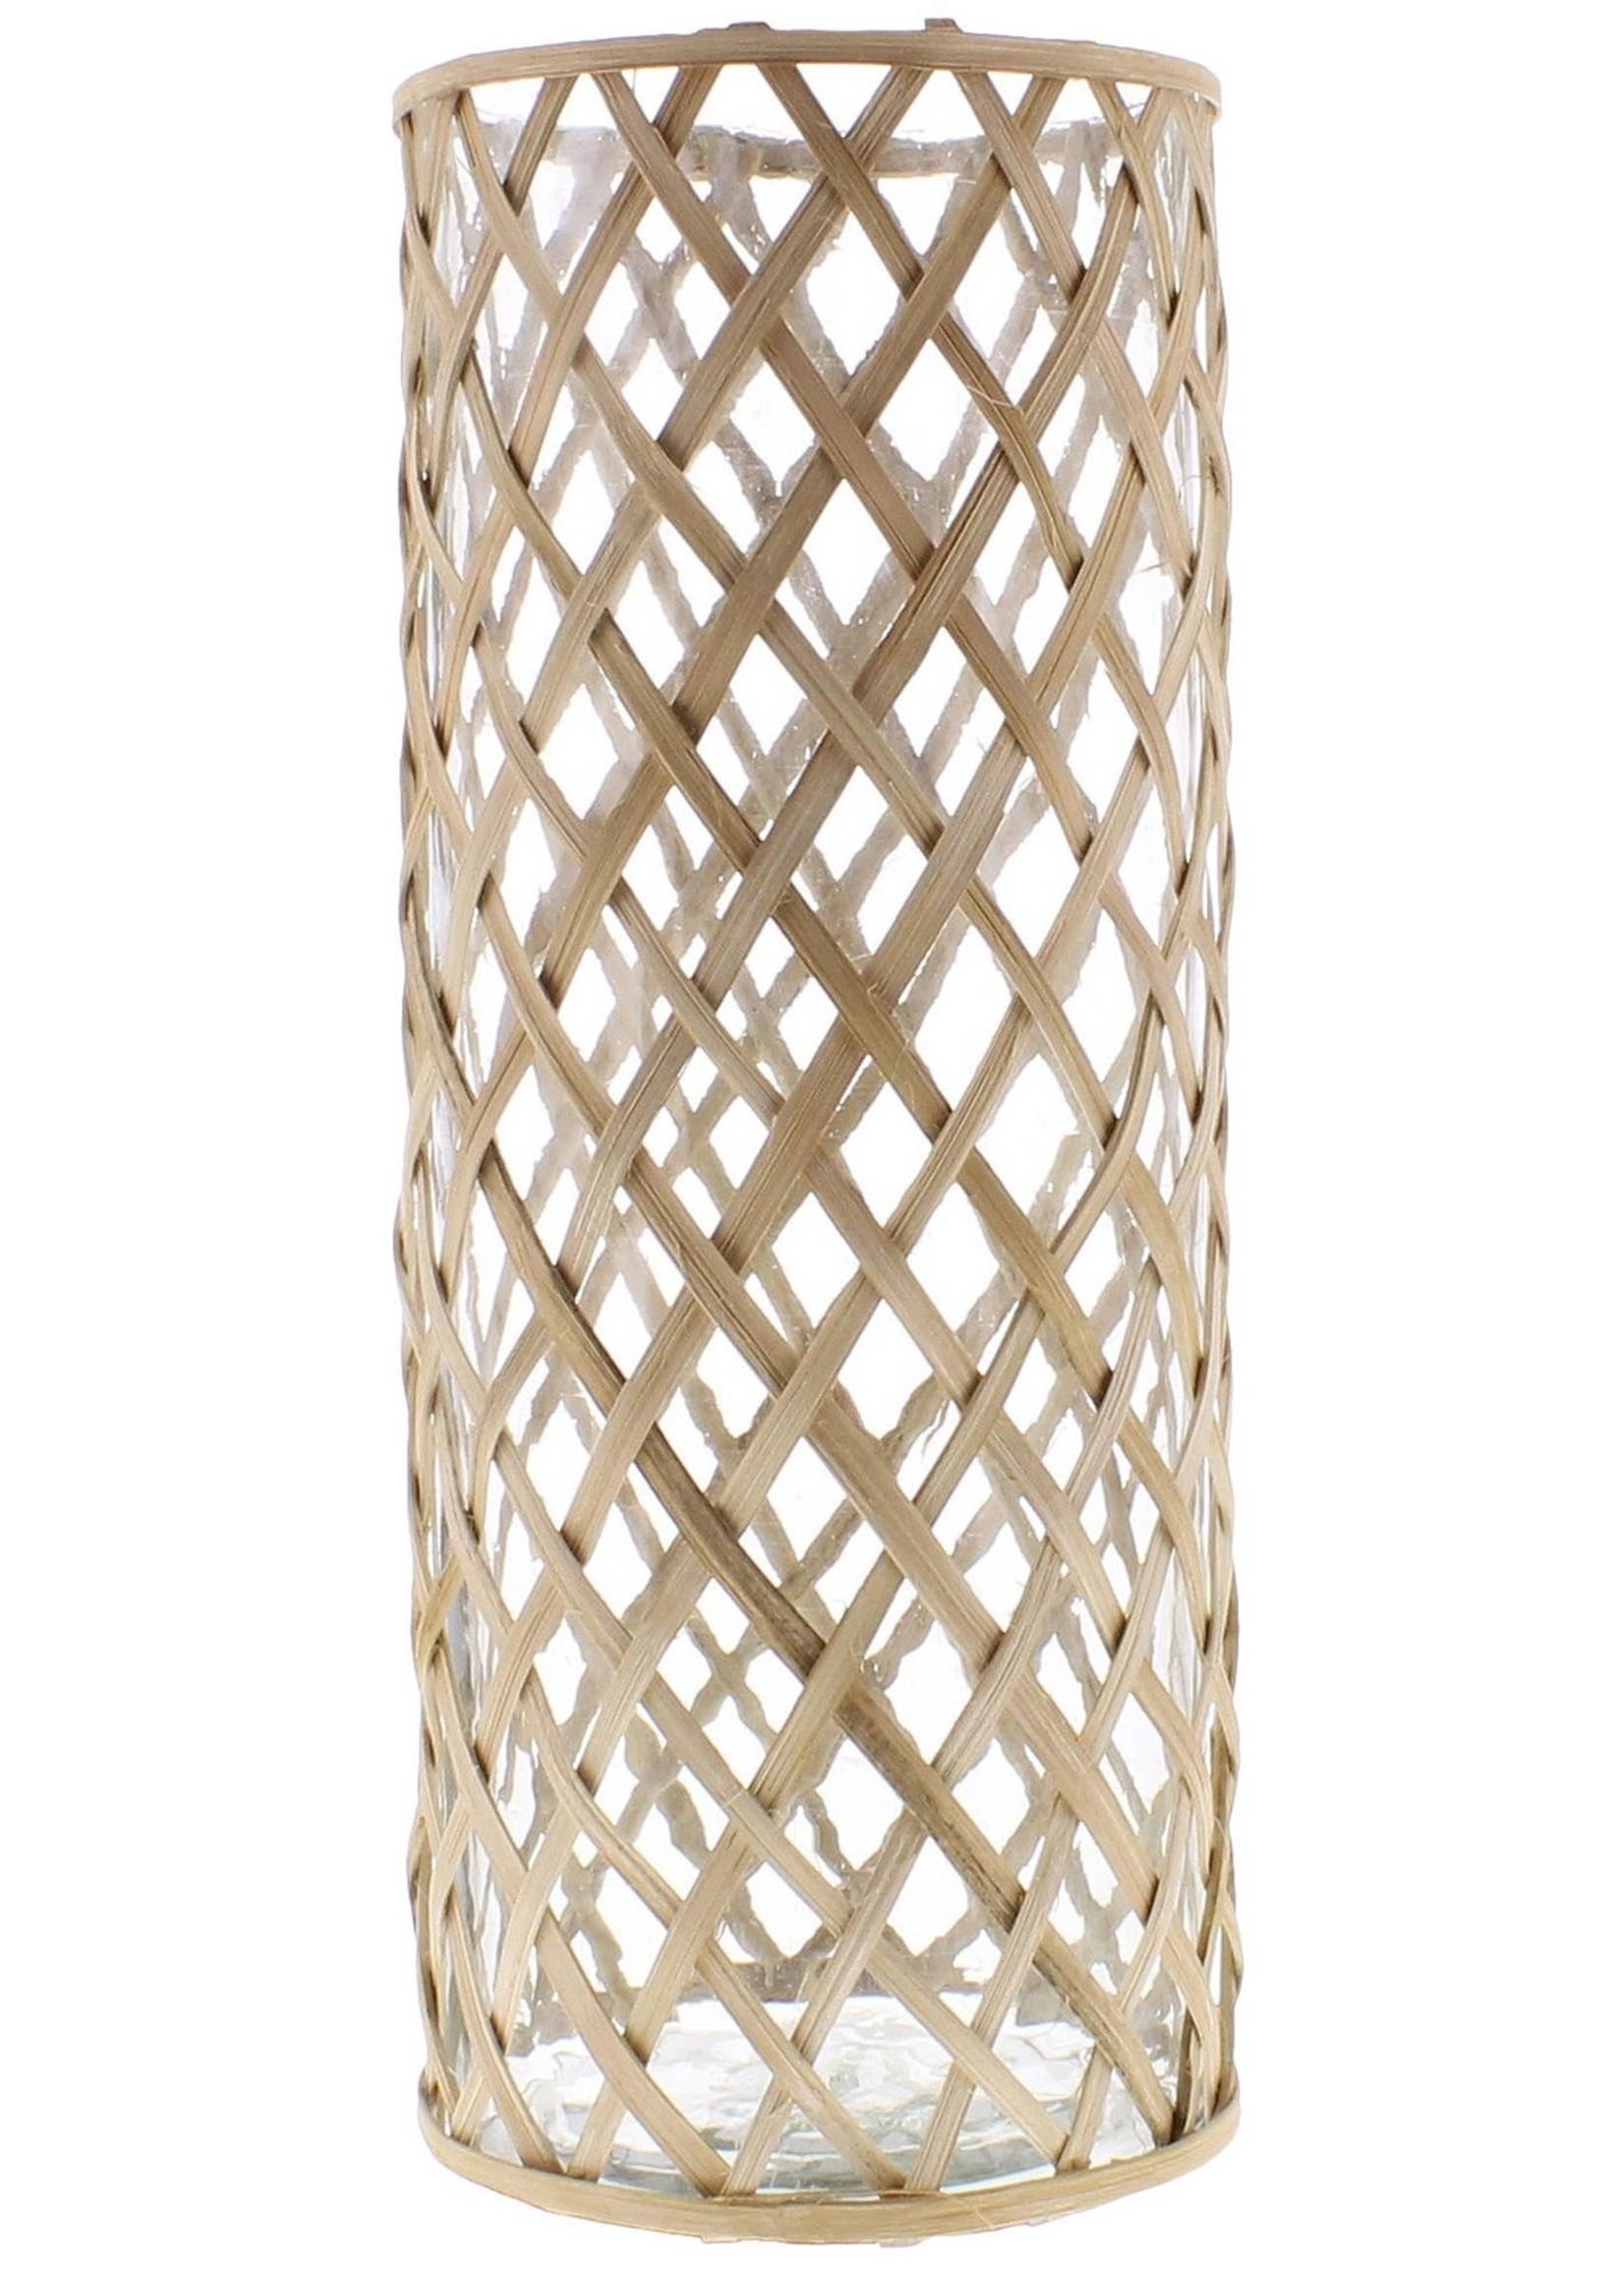 HomArt Cane Weave Vase - Grand